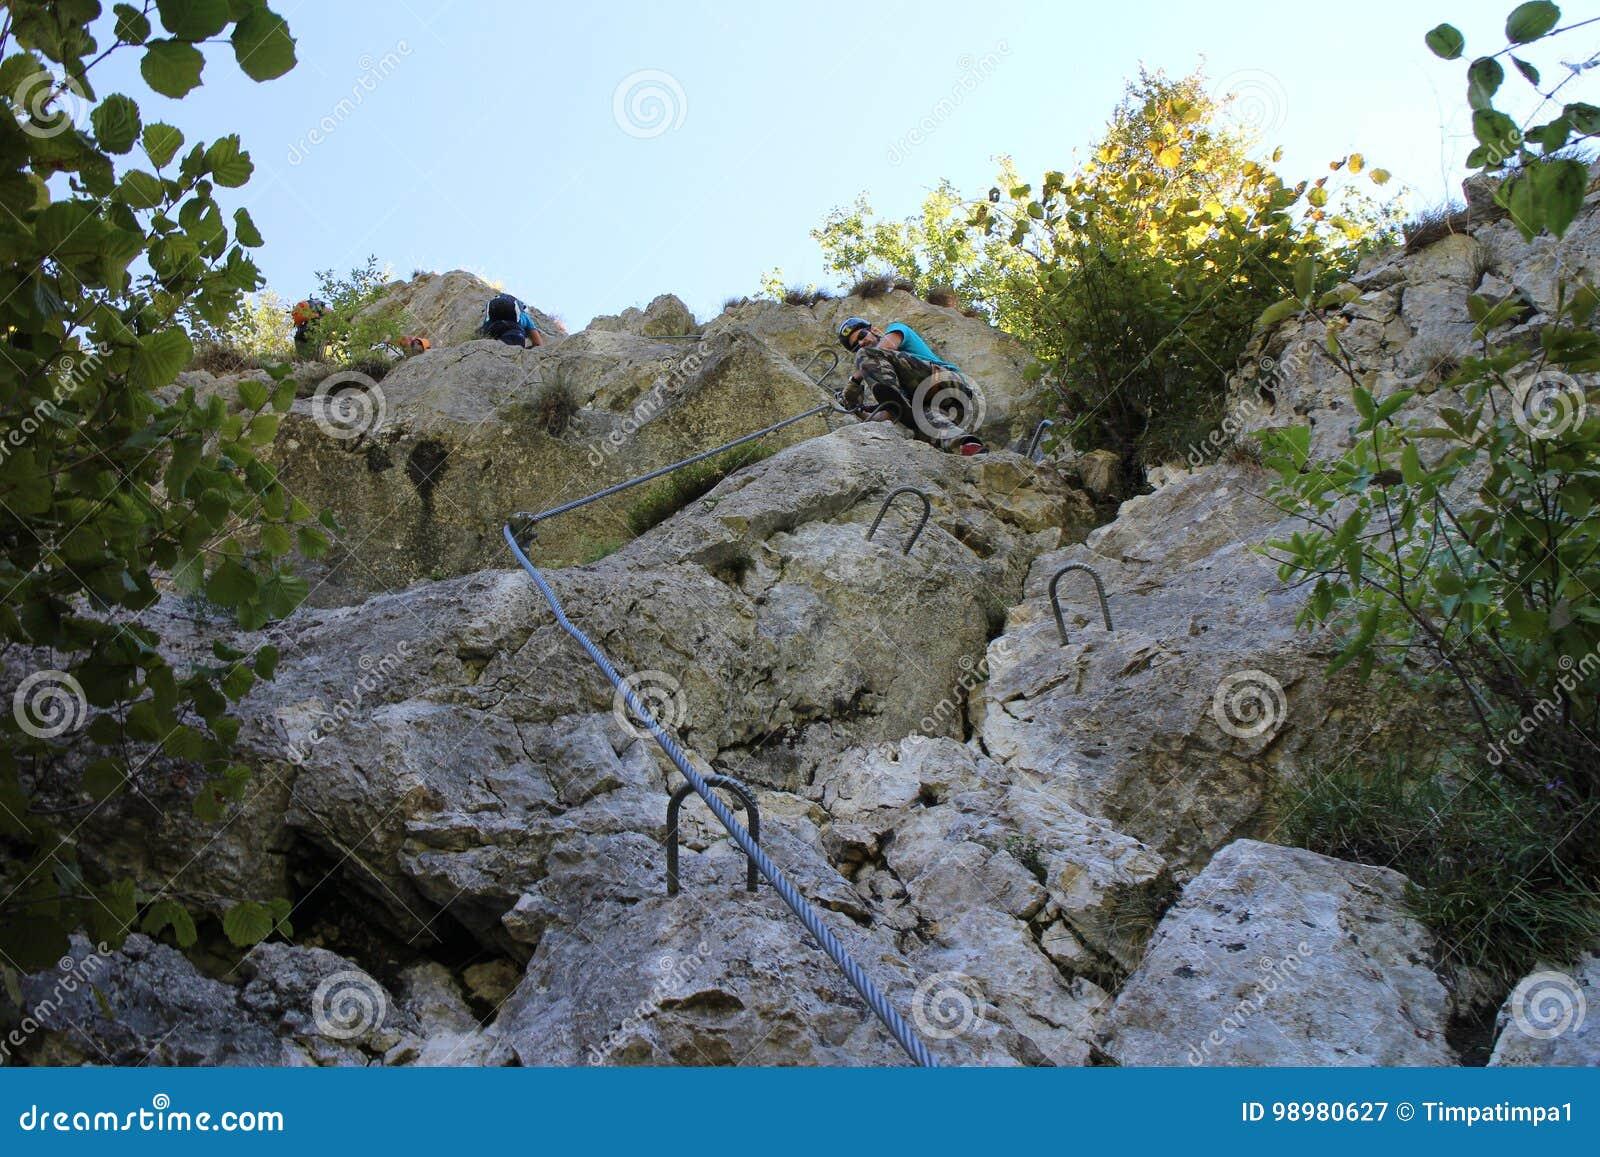 Klettersteig Austria : Die schönsten klettersteige in der steiermark